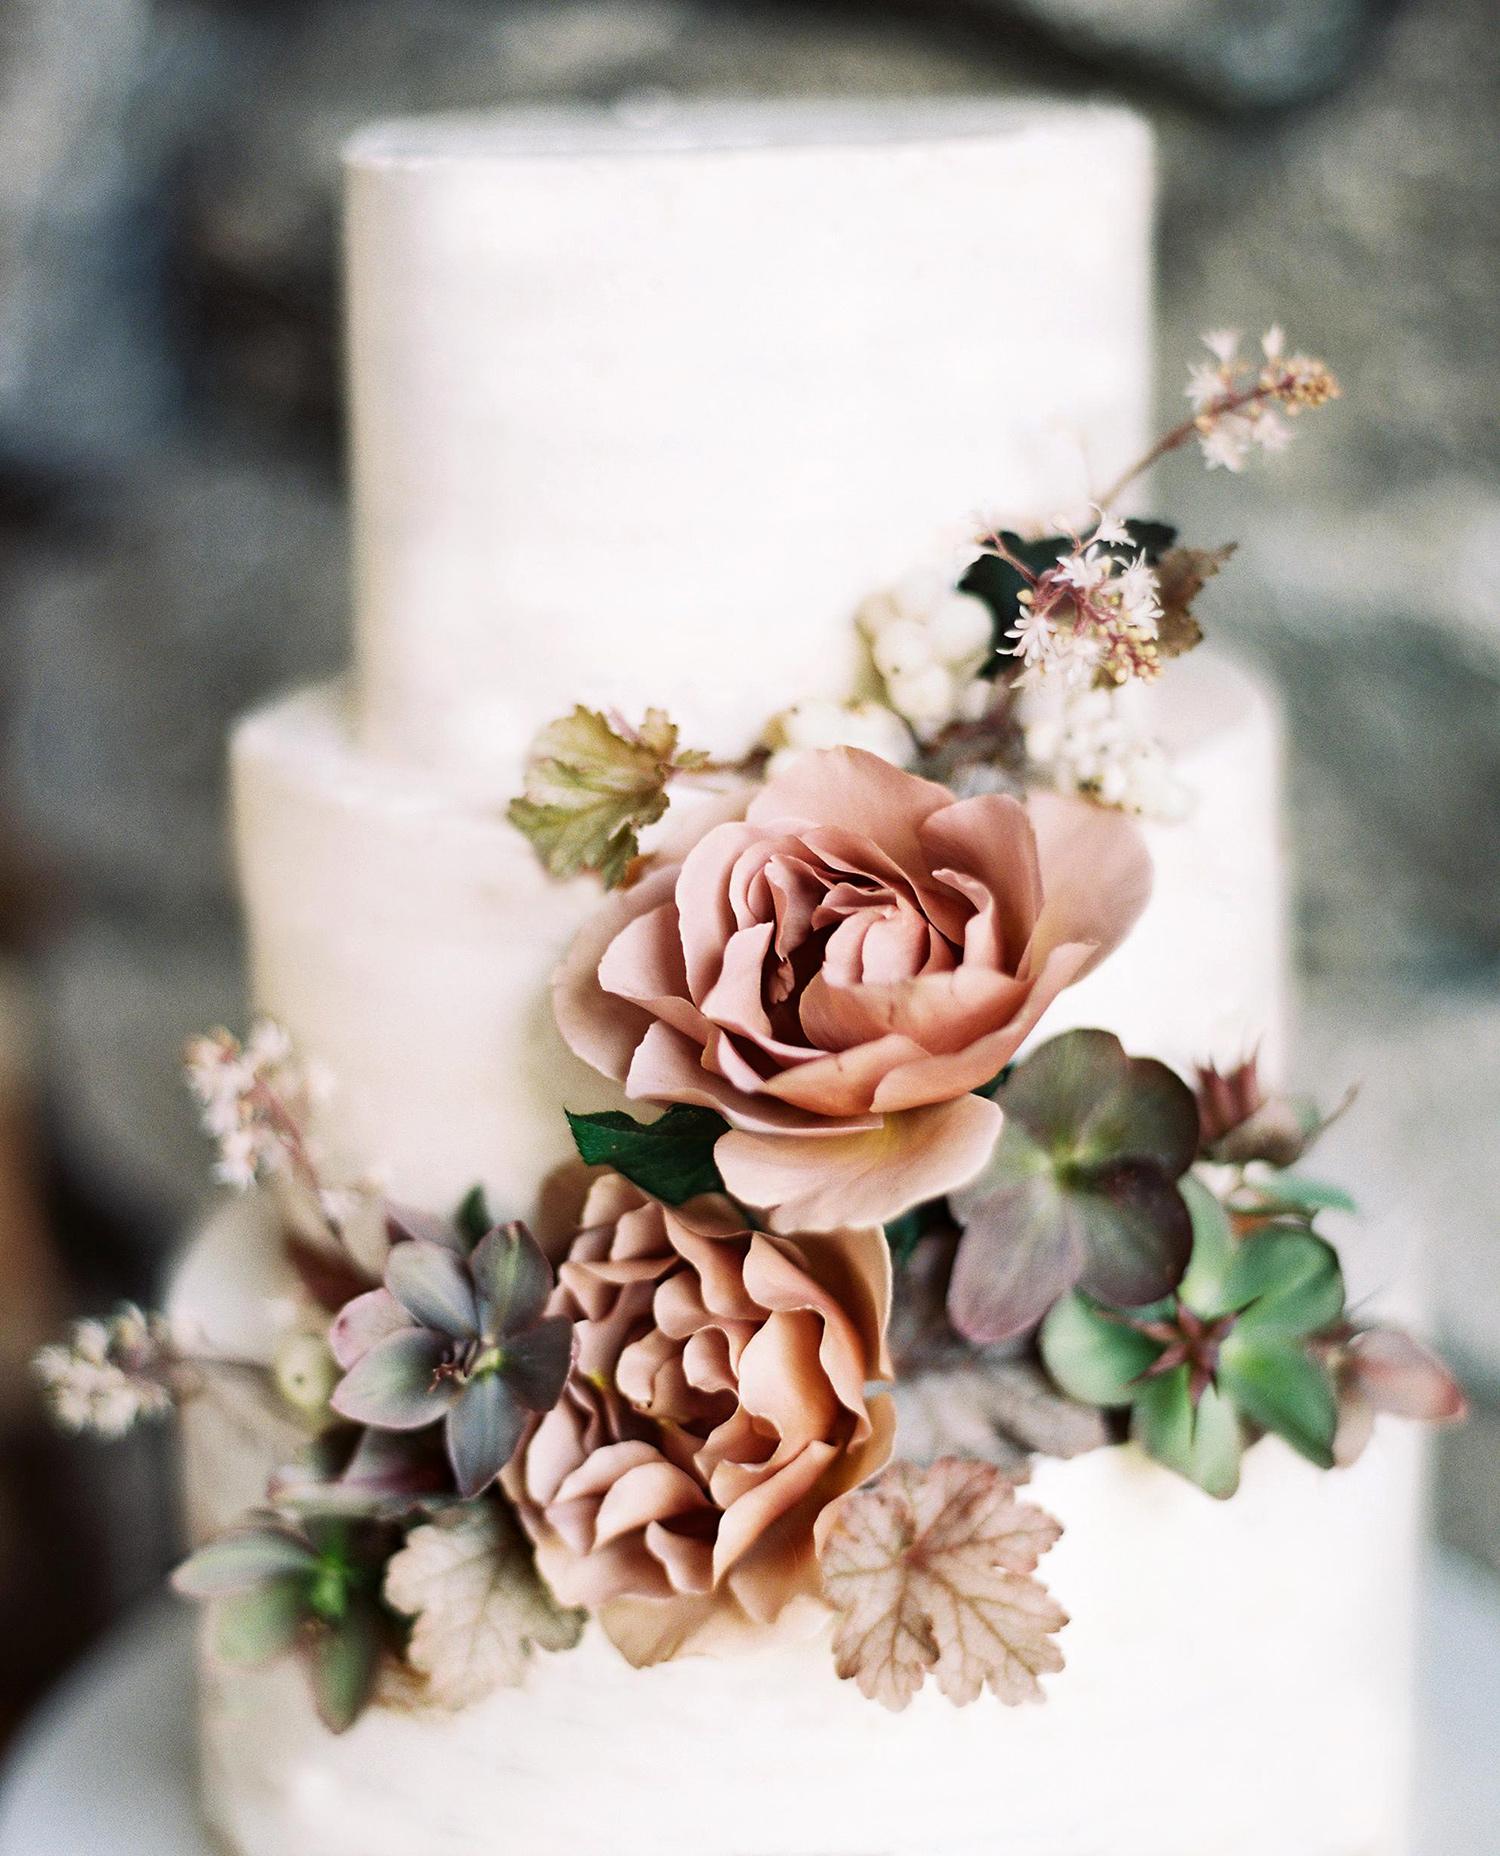 maya trey wedding cake with flowers